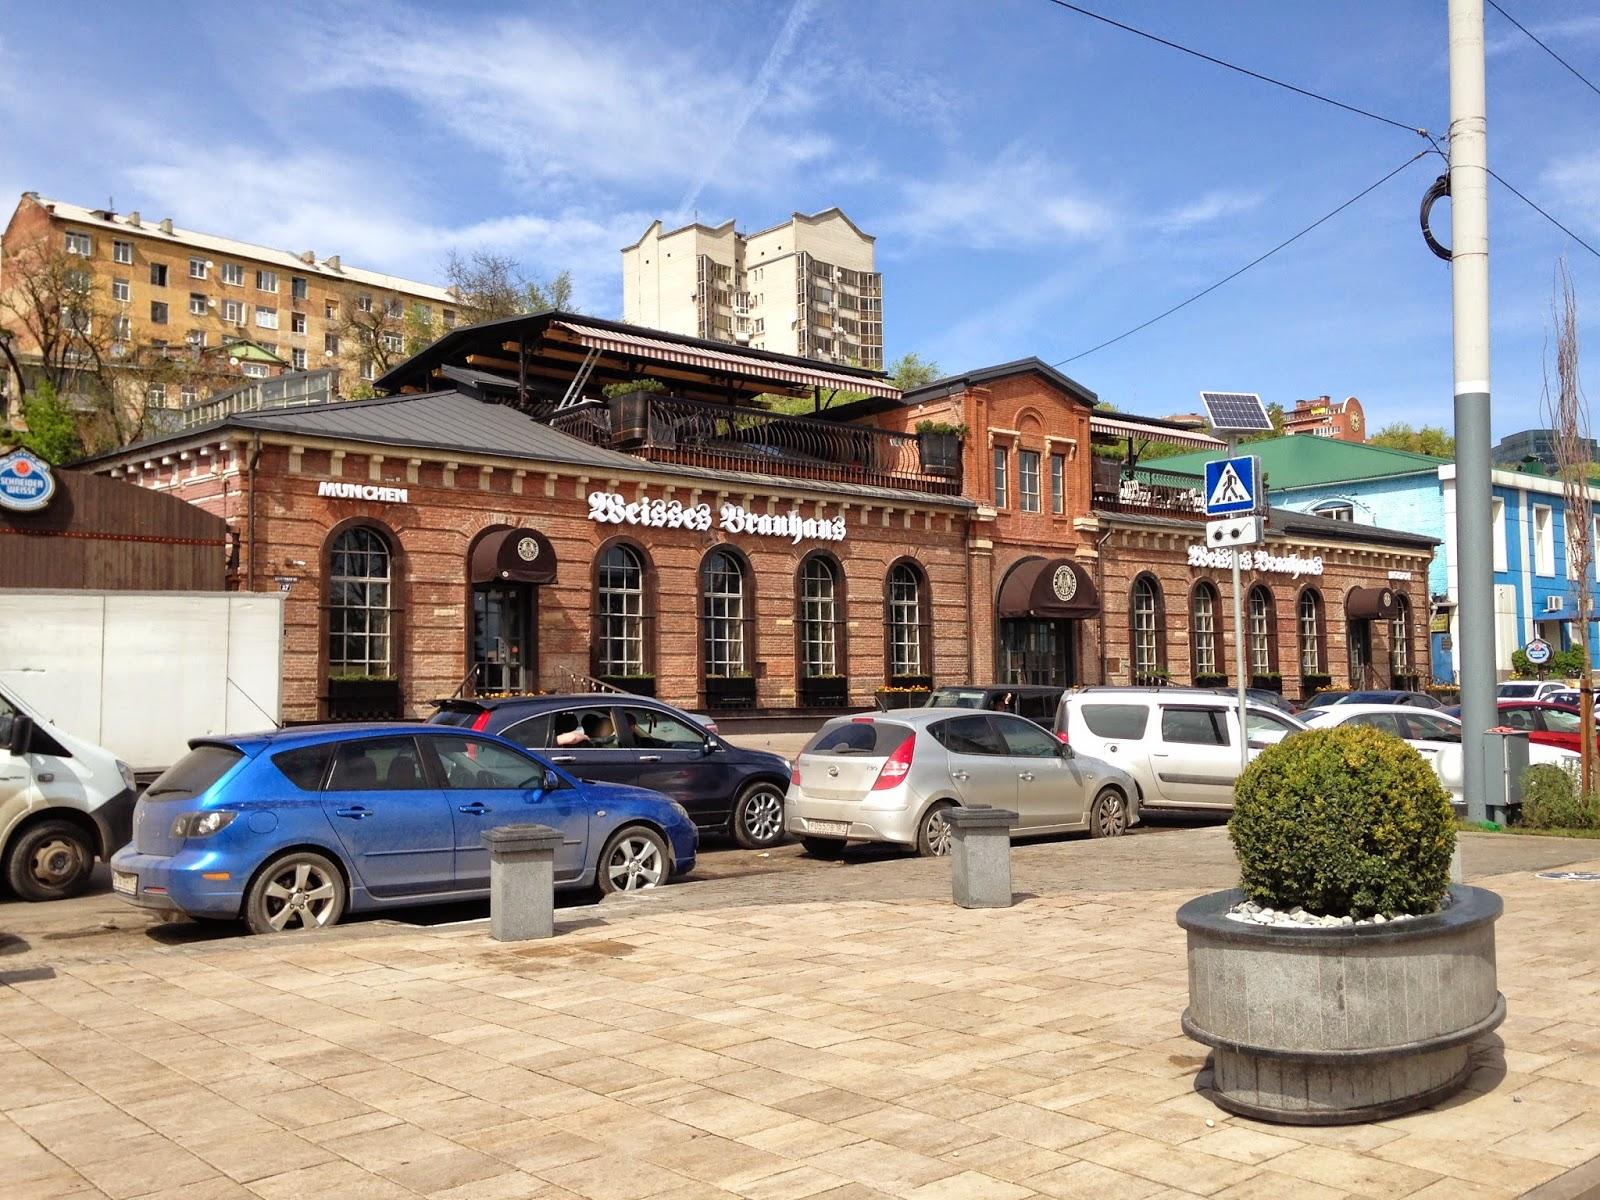 Weisses-Brauhaus-Ростов-на-Дону